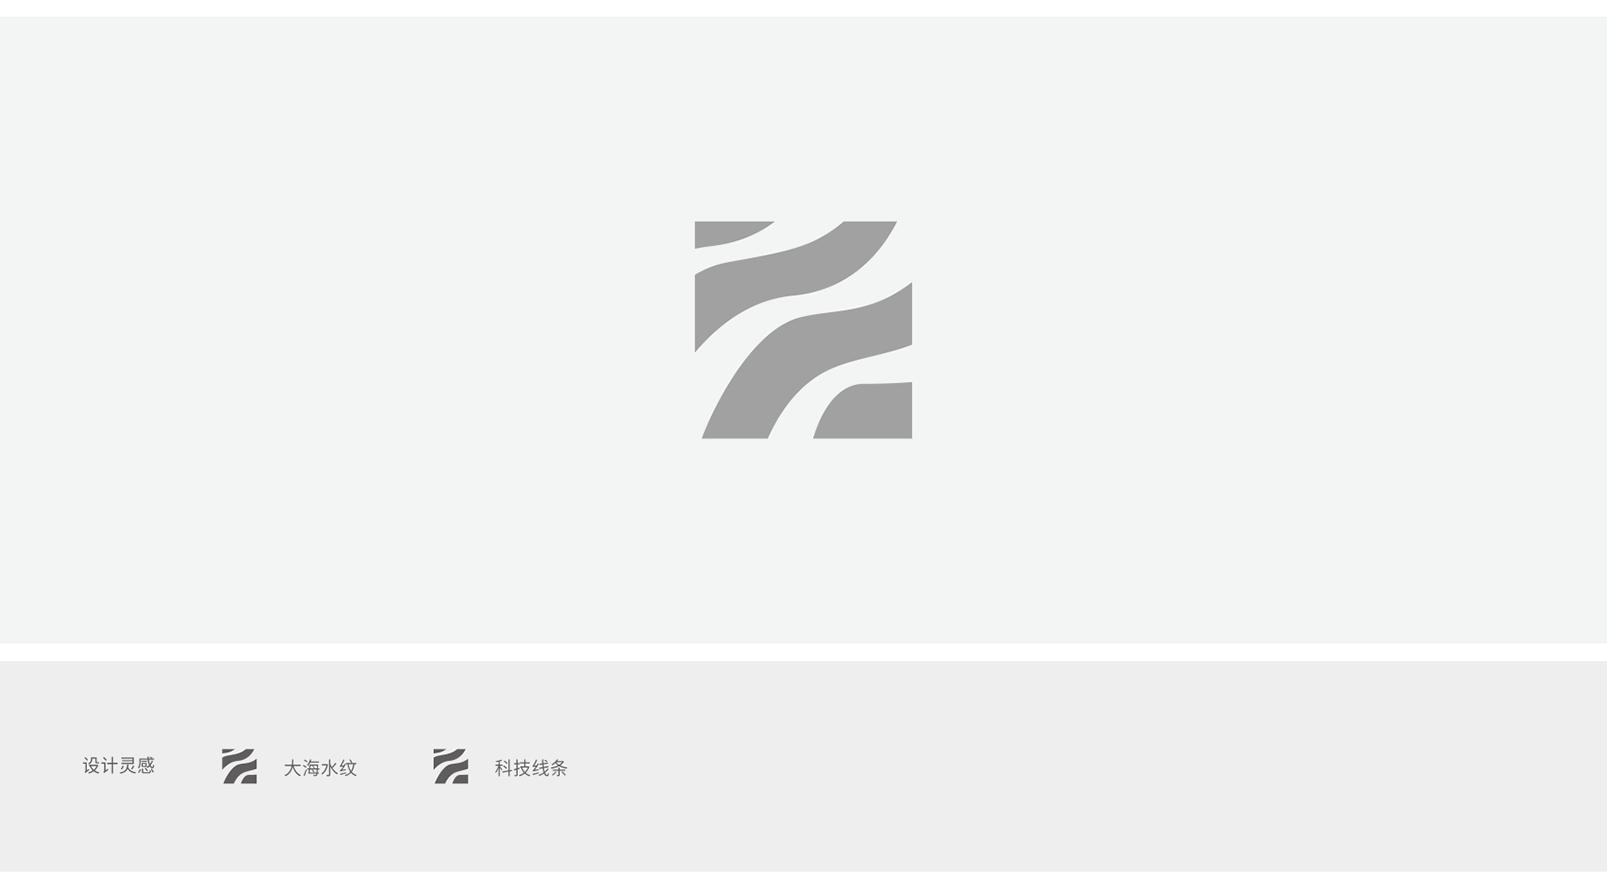 科技公司logo设计,武汉标志设计公司